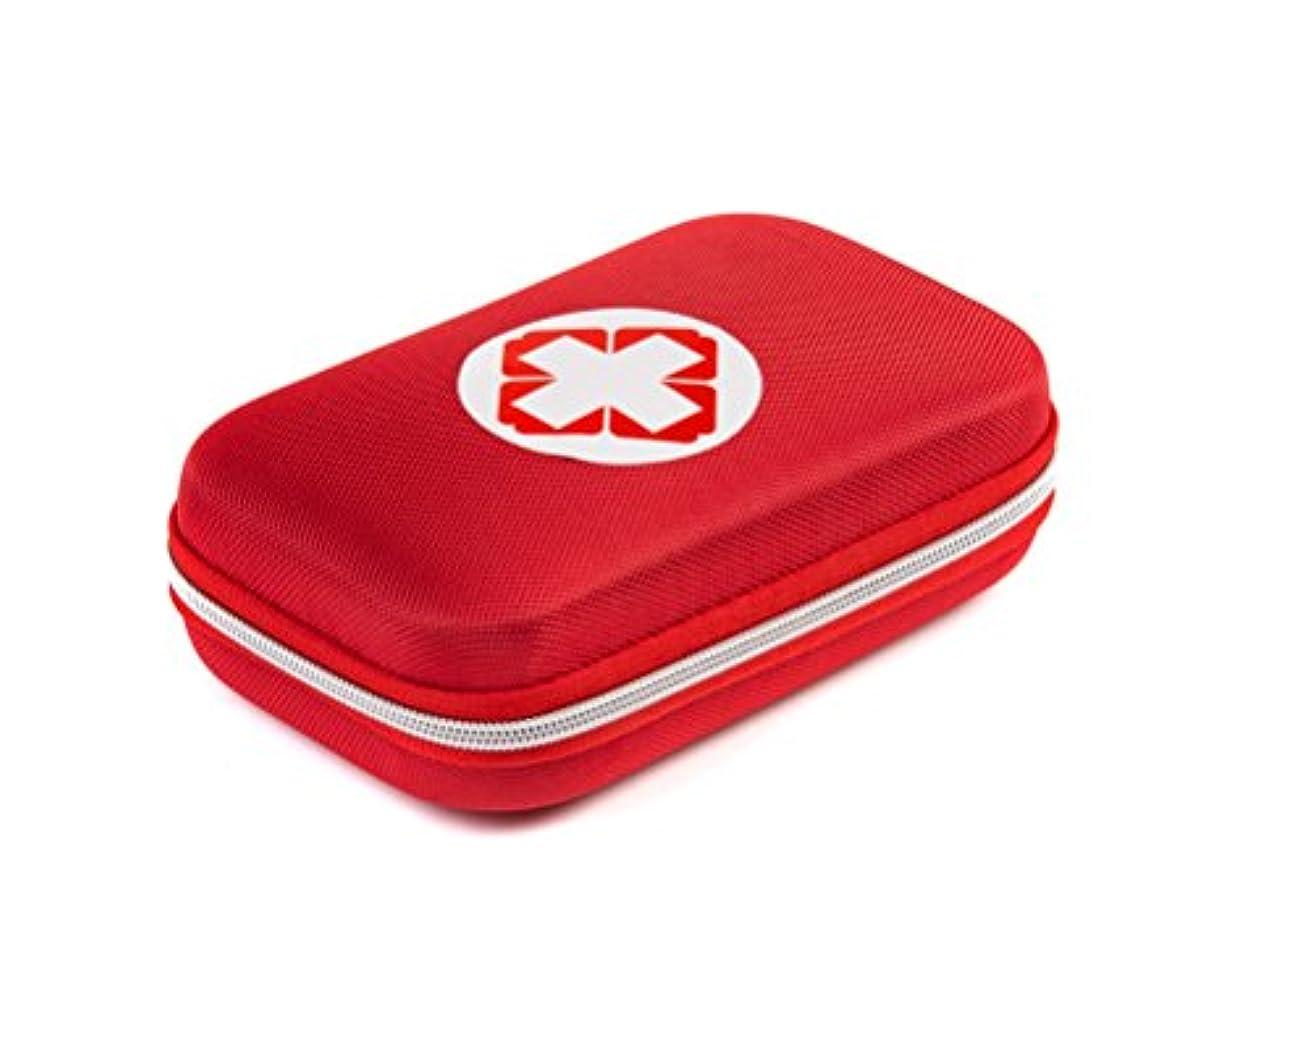 休み検出可能漂流Senhui ファーストエイドキット 旅行 スポーツ 携帯応急セット 防災 救急箱 応急処置17種類セット